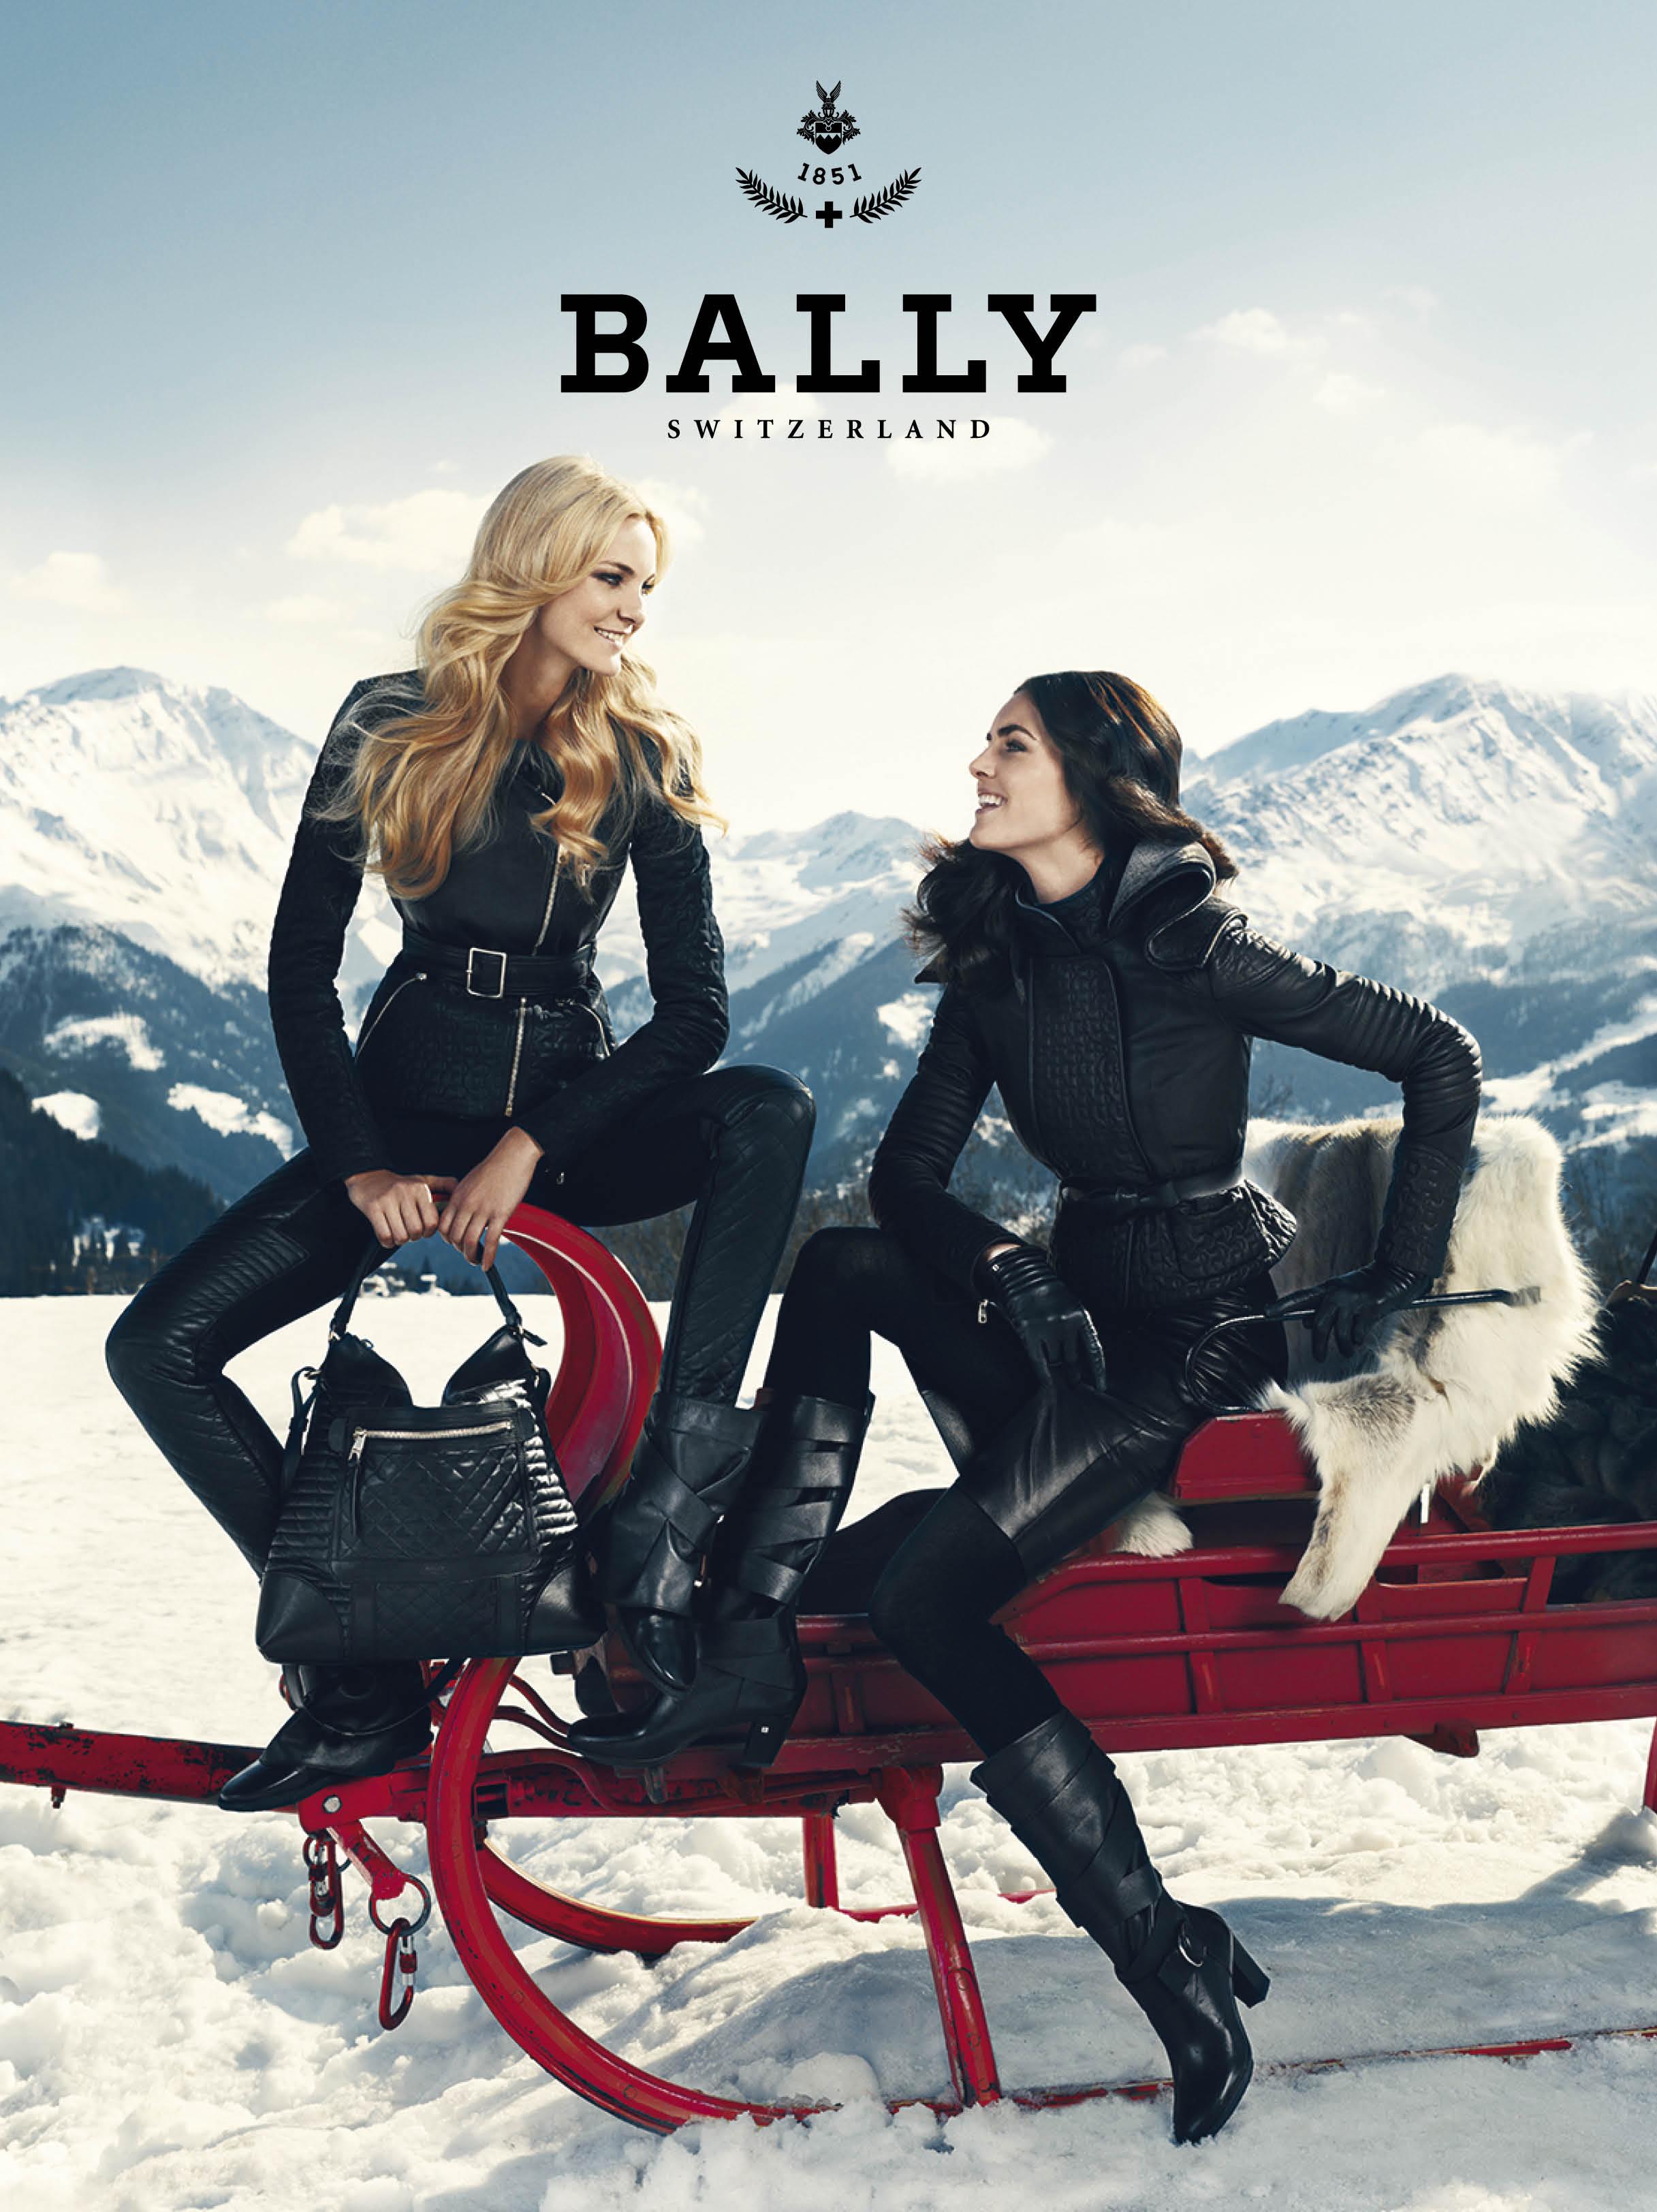 bally – Seite 4 von 5